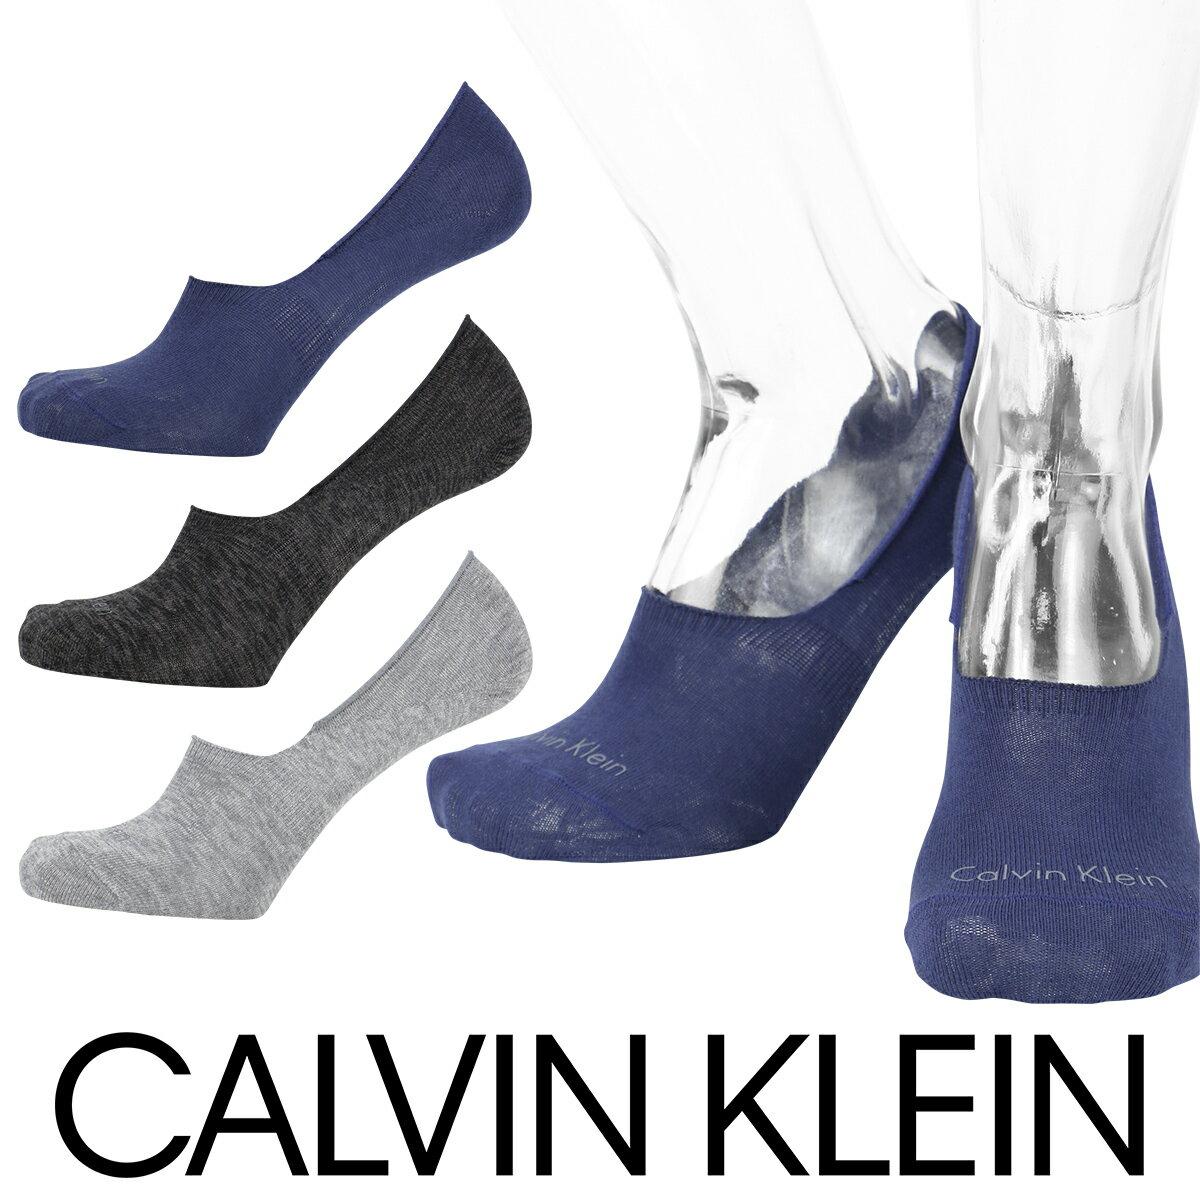 Calvin Klein ( カルバンクライン )Casual フットカバー ソックスフロントロゴ カバーソックスメンズ かかと滑り止め付き カジュアル ソックス 男性 メンズ プレゼント 贈答 ギフト2522-495ポイント10倍